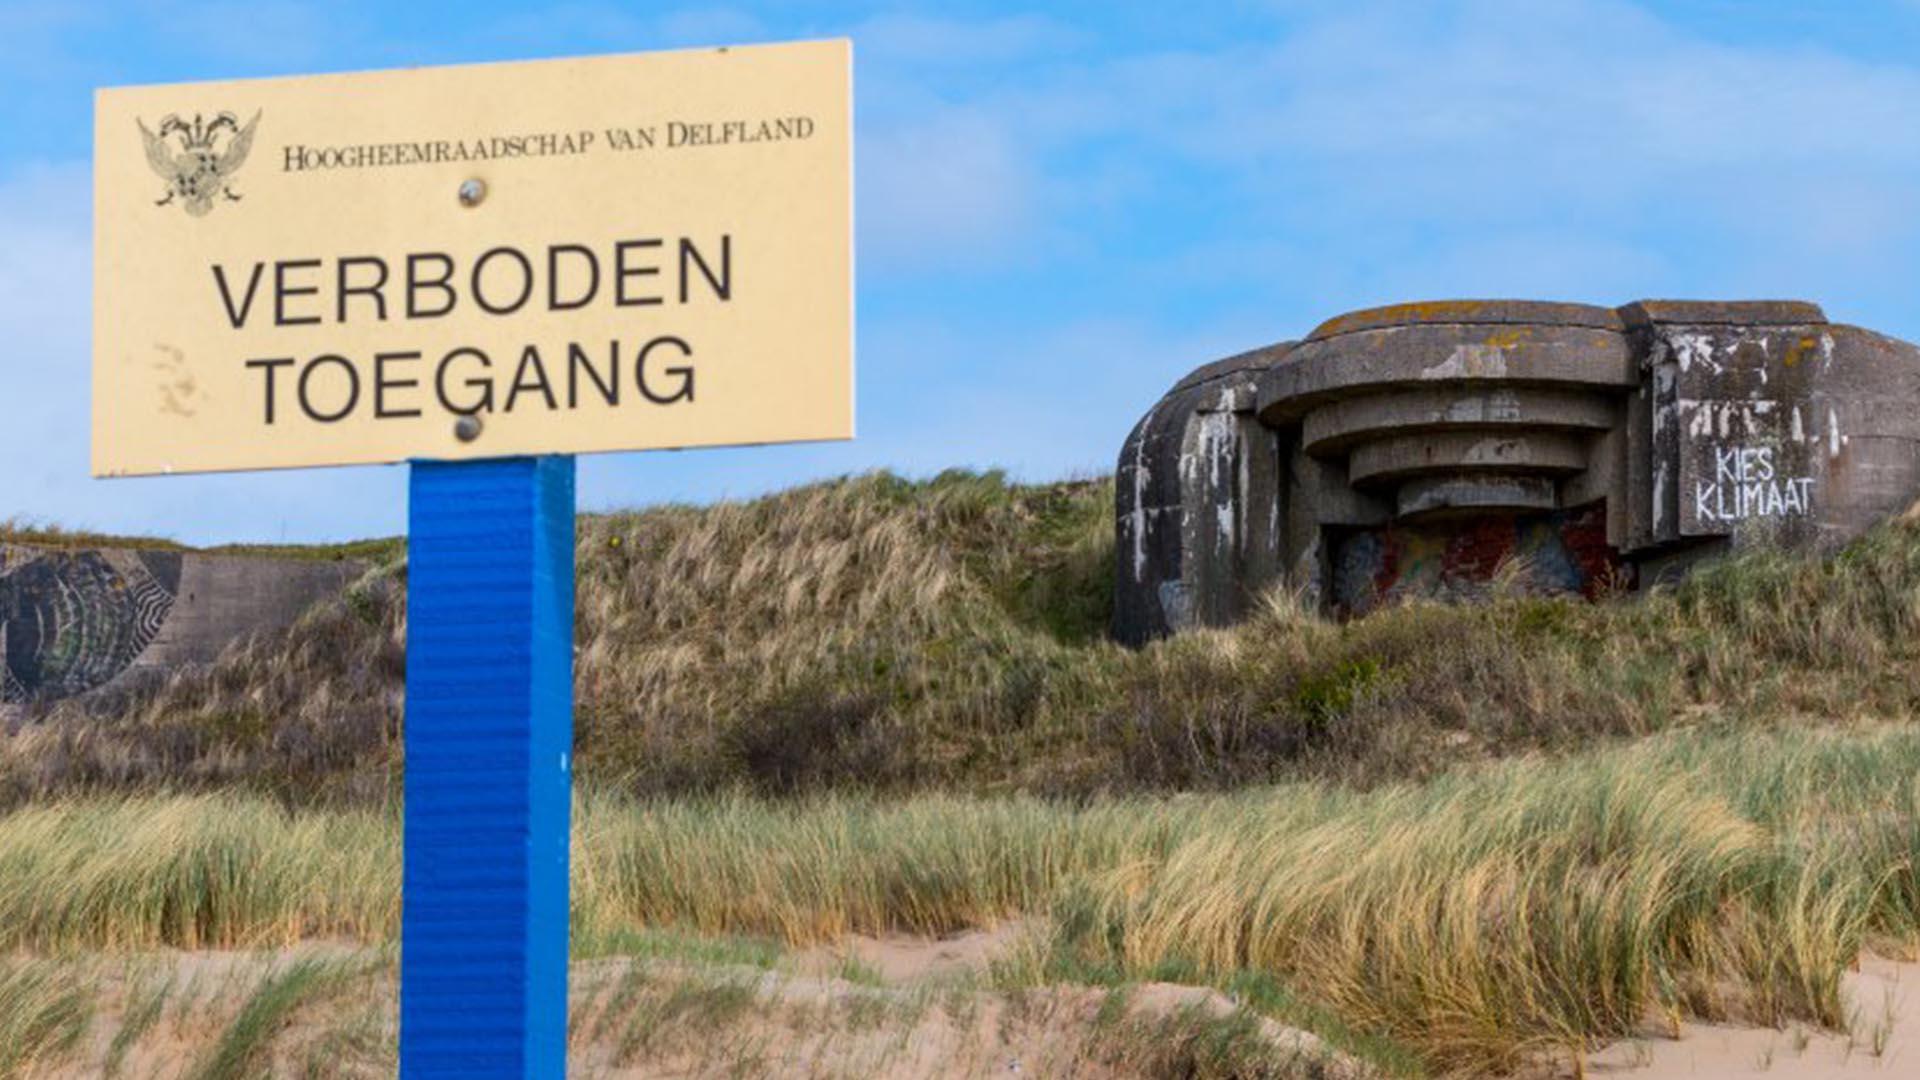 Scheveningen era un pequeño pueblo holandés con 135 mil habitantes que fueron expulsados para crear una zona de restricción (Solveig Grothe)